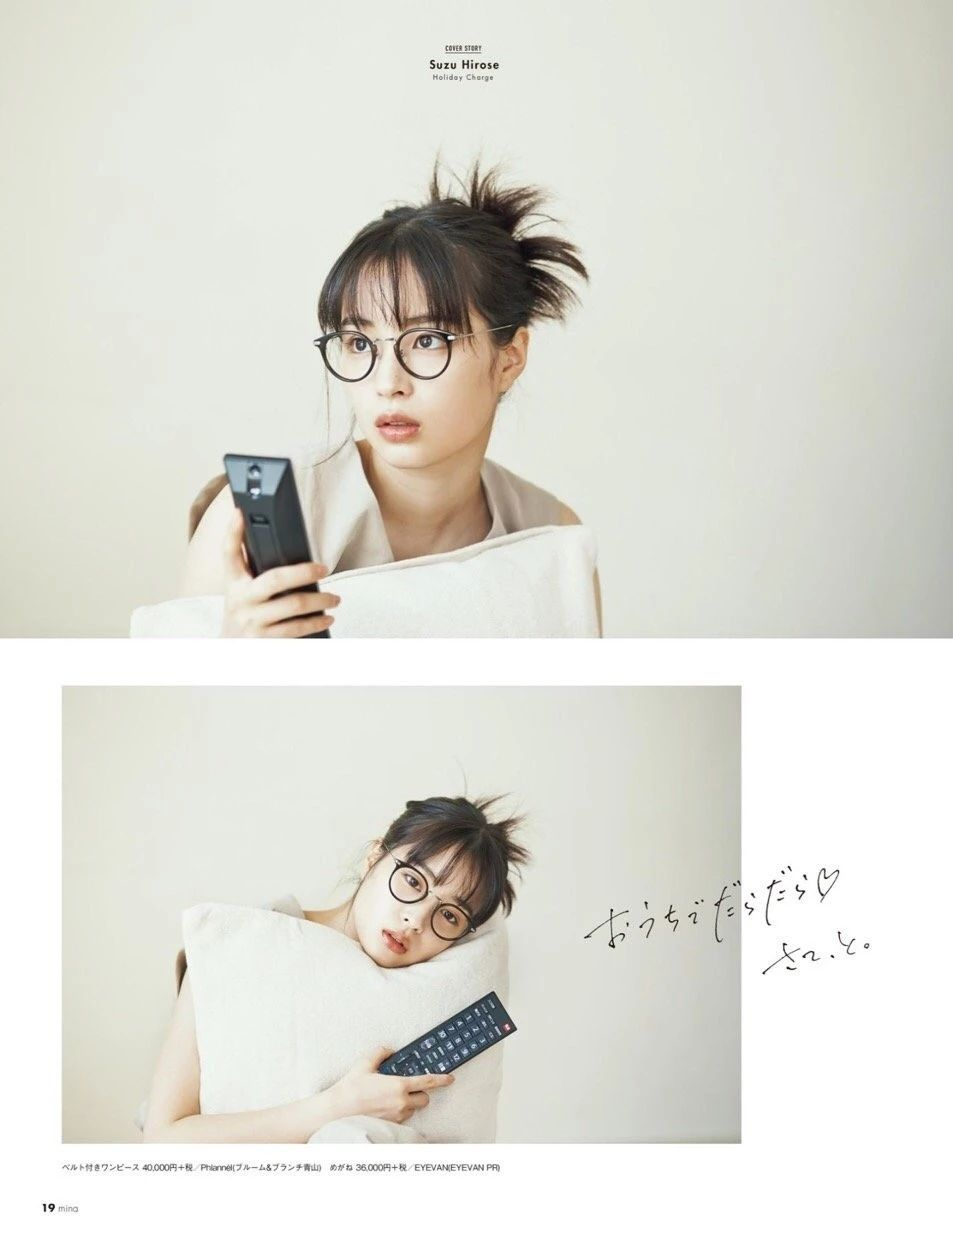 20神颜美少女却黑历史比较多的广濑丝丝写真作品 (8)